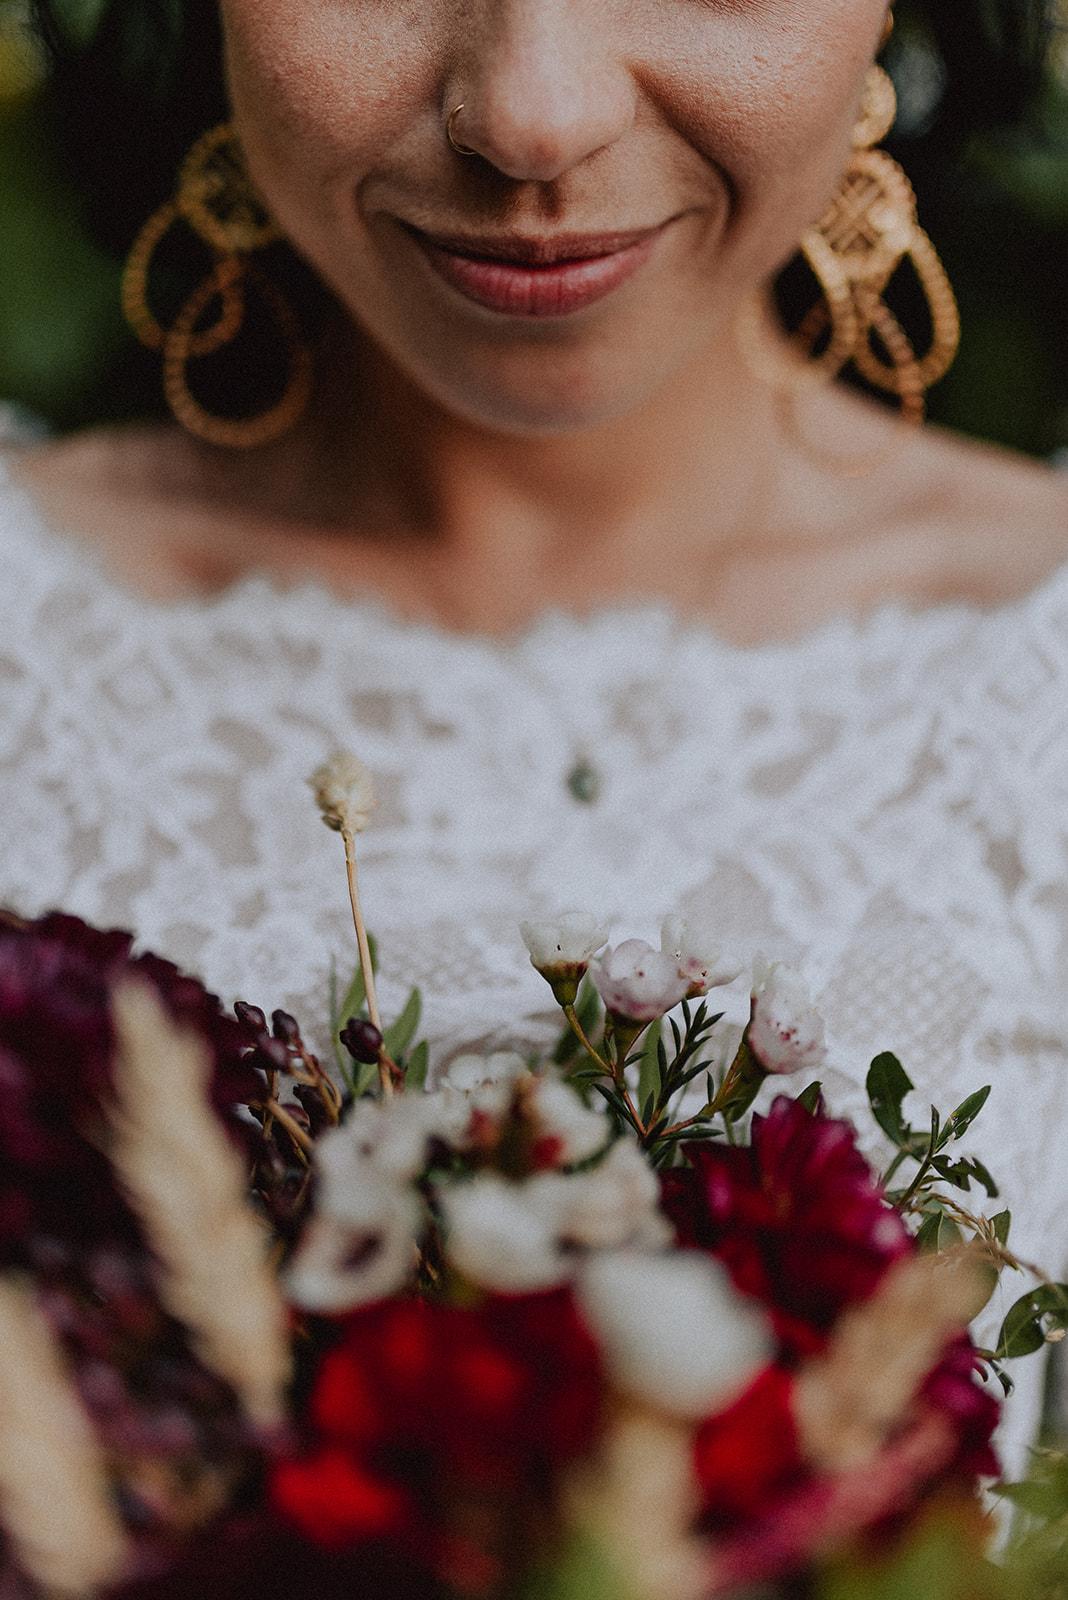 Baśniowy ślub w Tabunie | ceremonia w plenerze A+M 104 alebosco ania mateusz tabun 1027